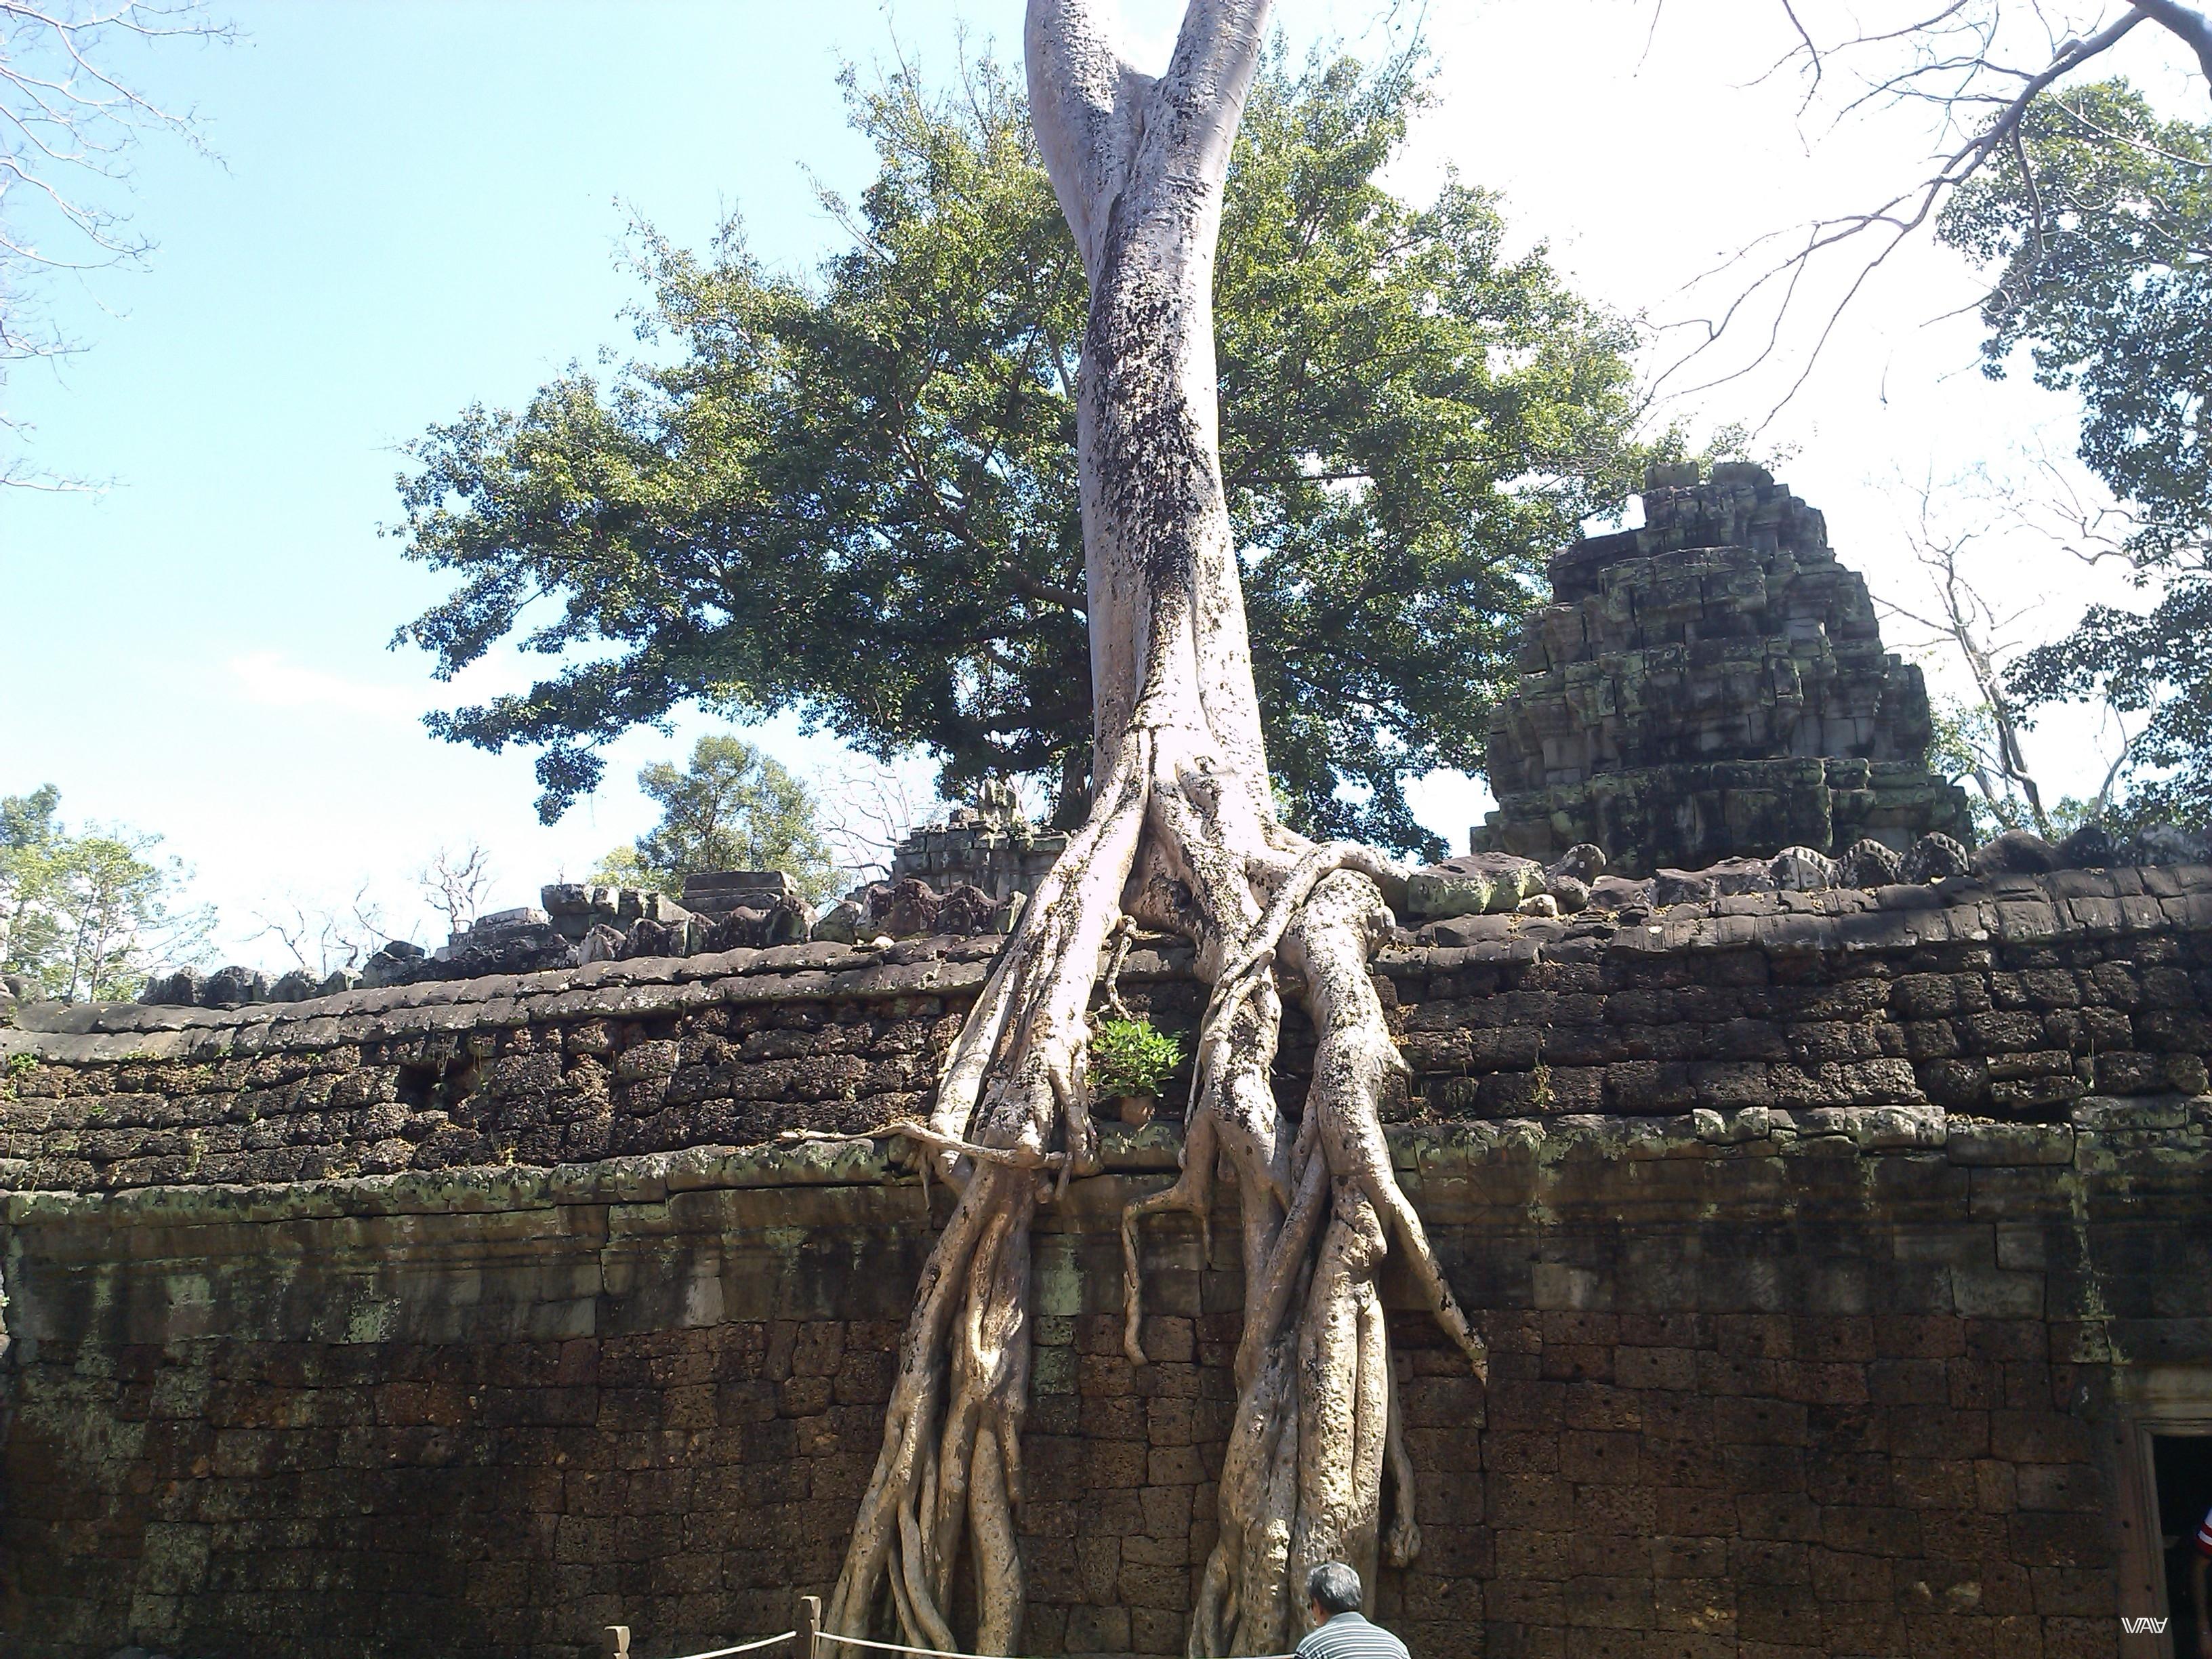 Корни - не самое важное. Главное это твое стремление вверх. Ангкор, Сием Рип, Кампбоджа